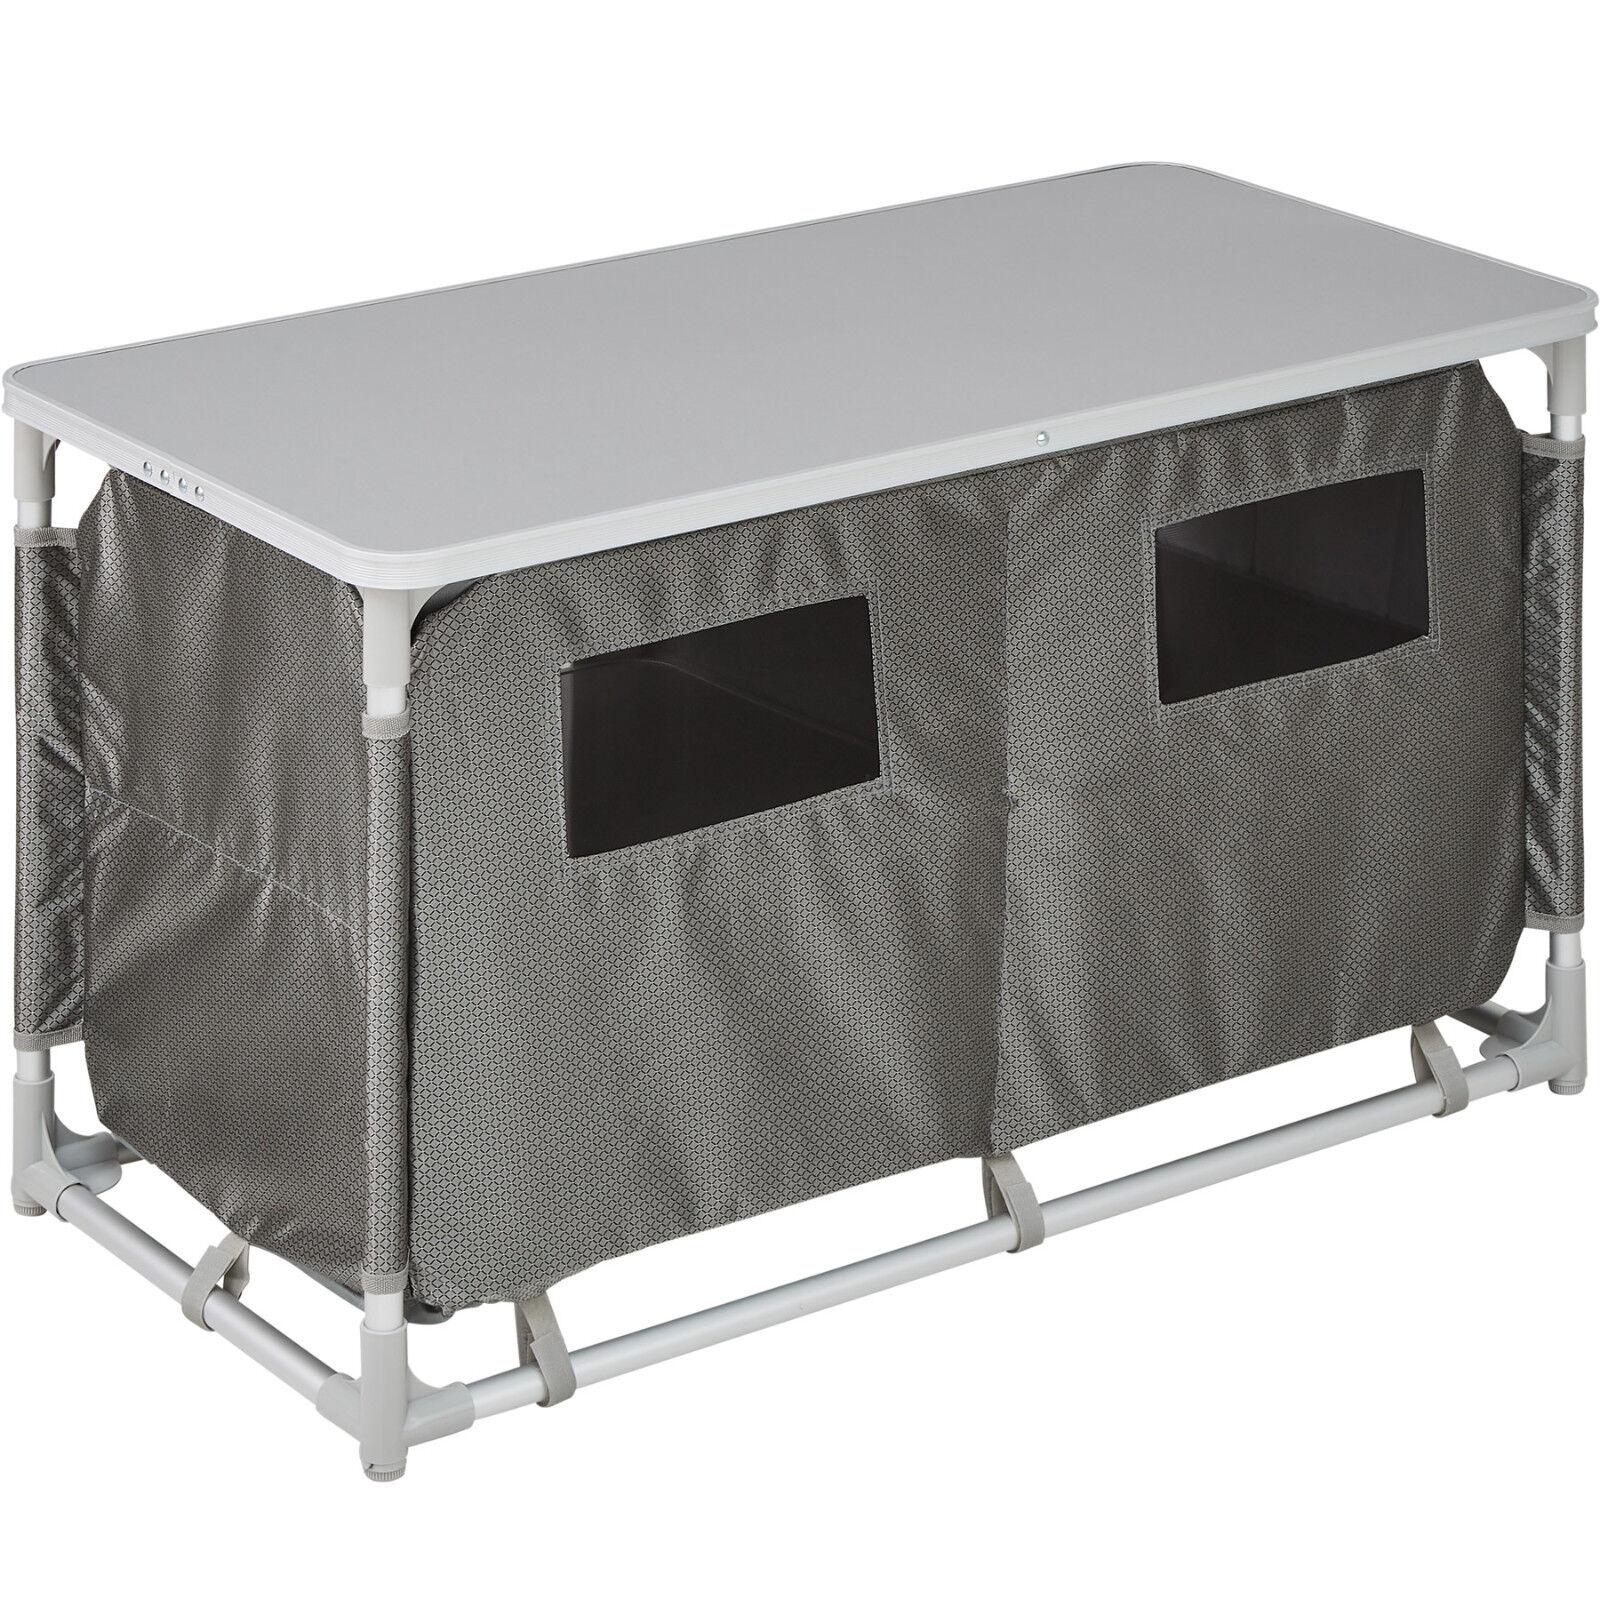 Armadietto da da da campeggio alluminio tavolo box cucina da esterni ...